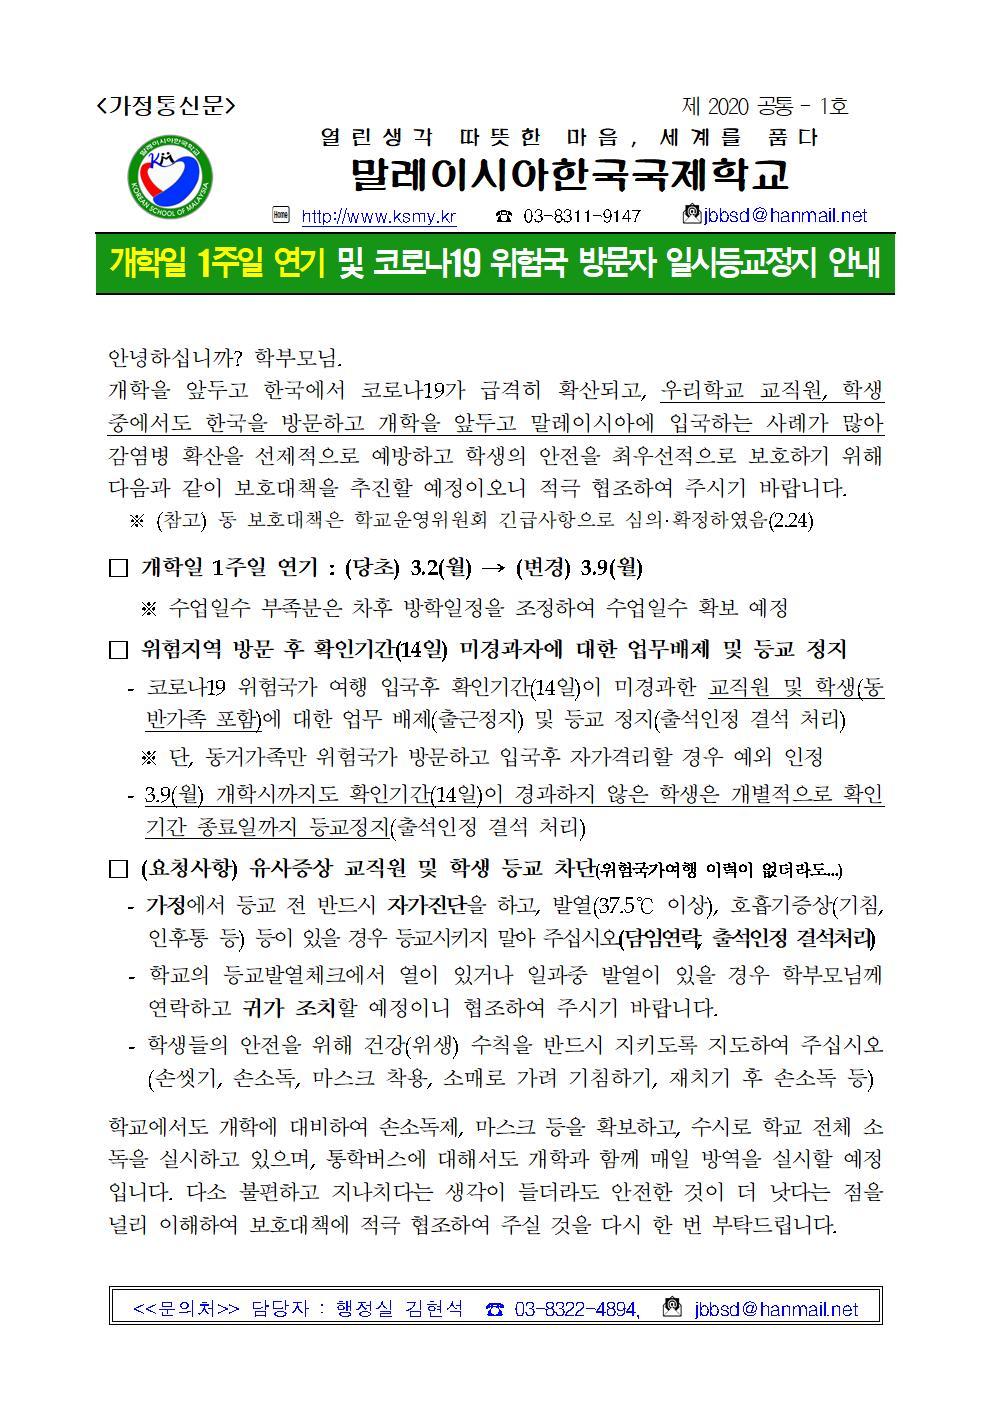 코로나 관련 가정통신문_최종001.jpg